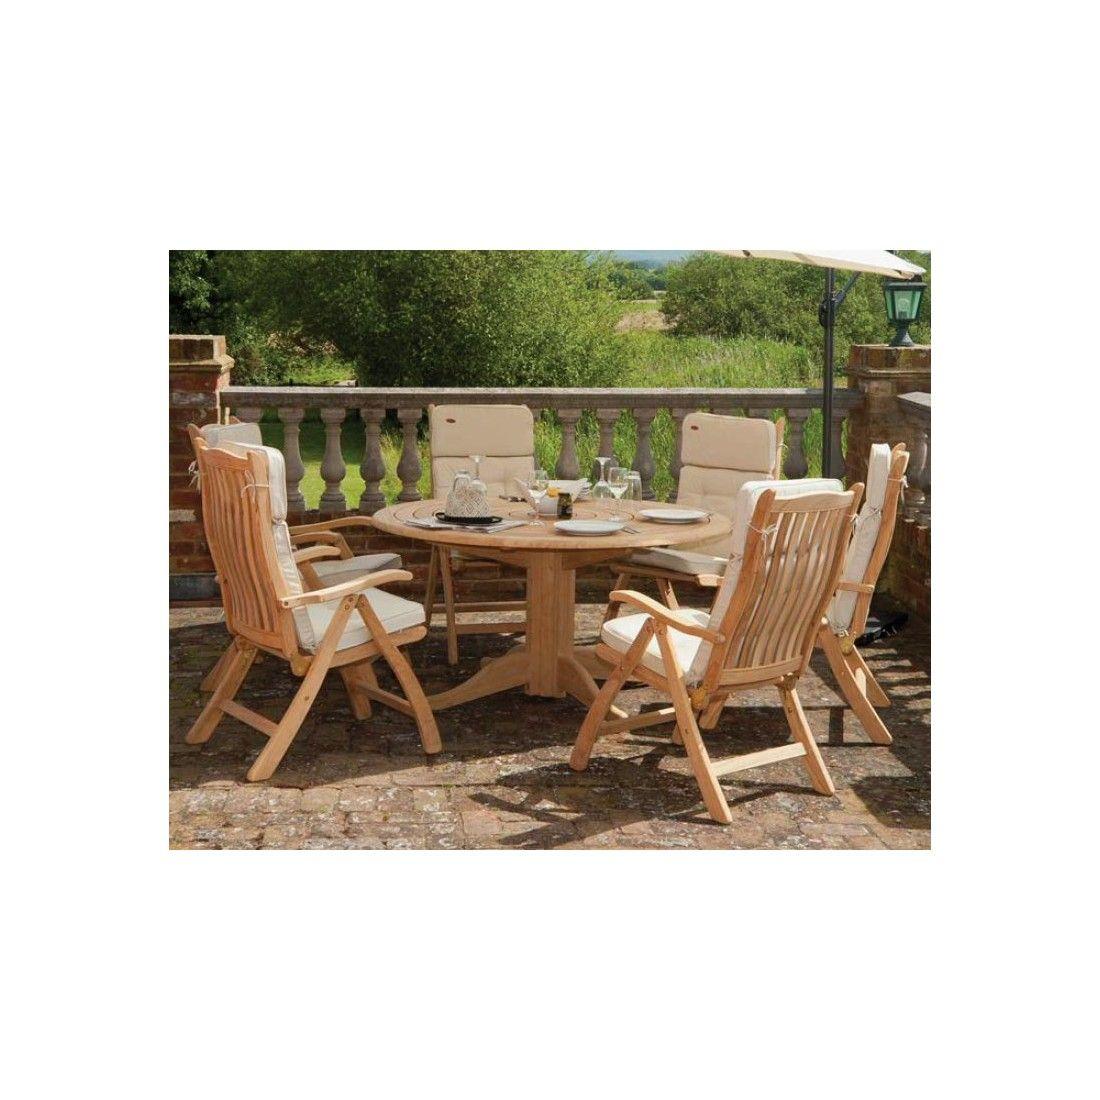 Table de jardin ronde en bois, haut de gamme